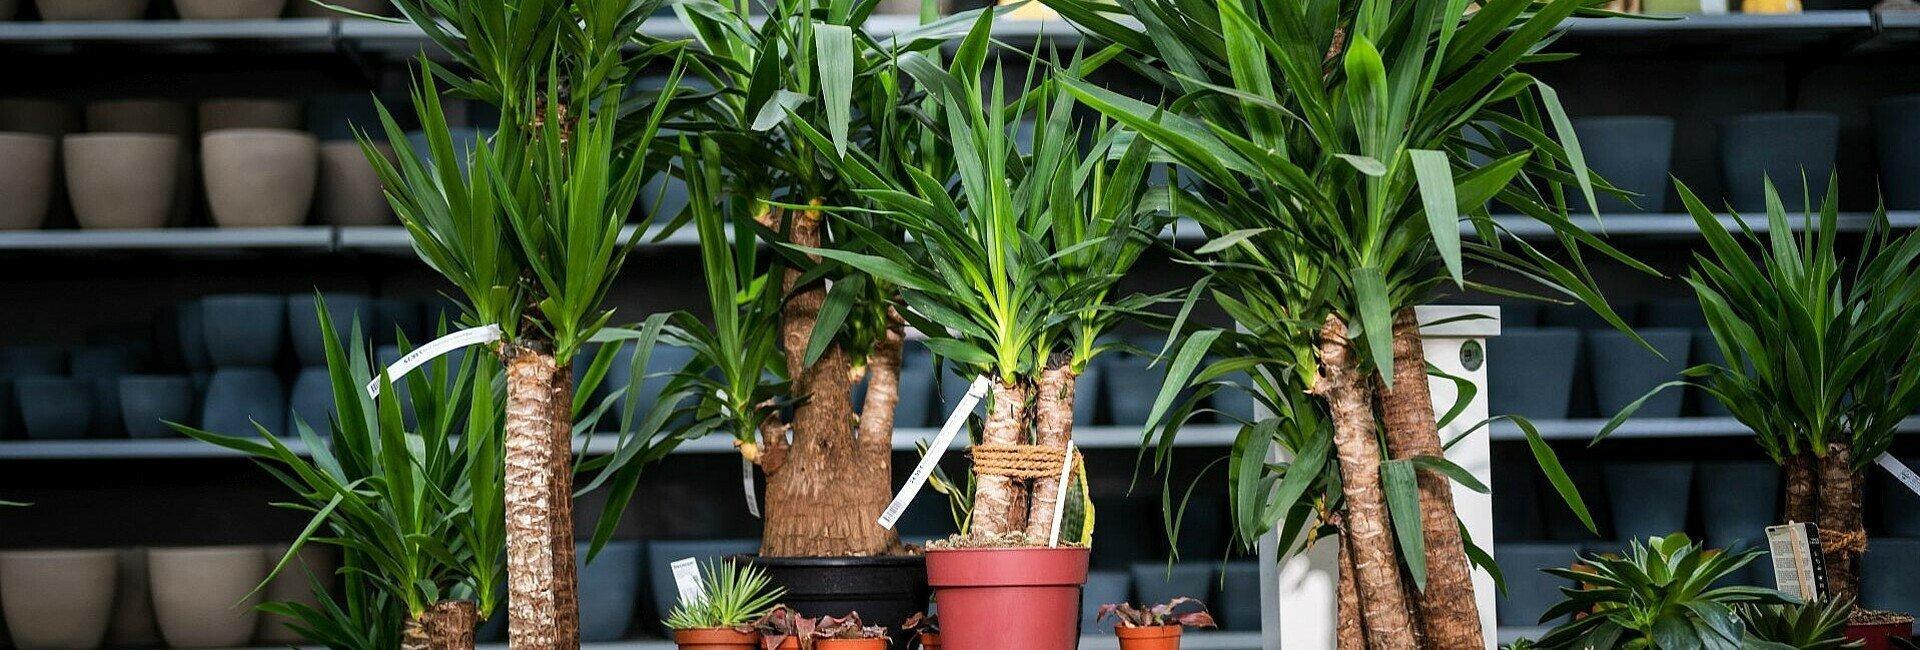 Pflegeleichte Zimmerrpflanze Yucca-Palme